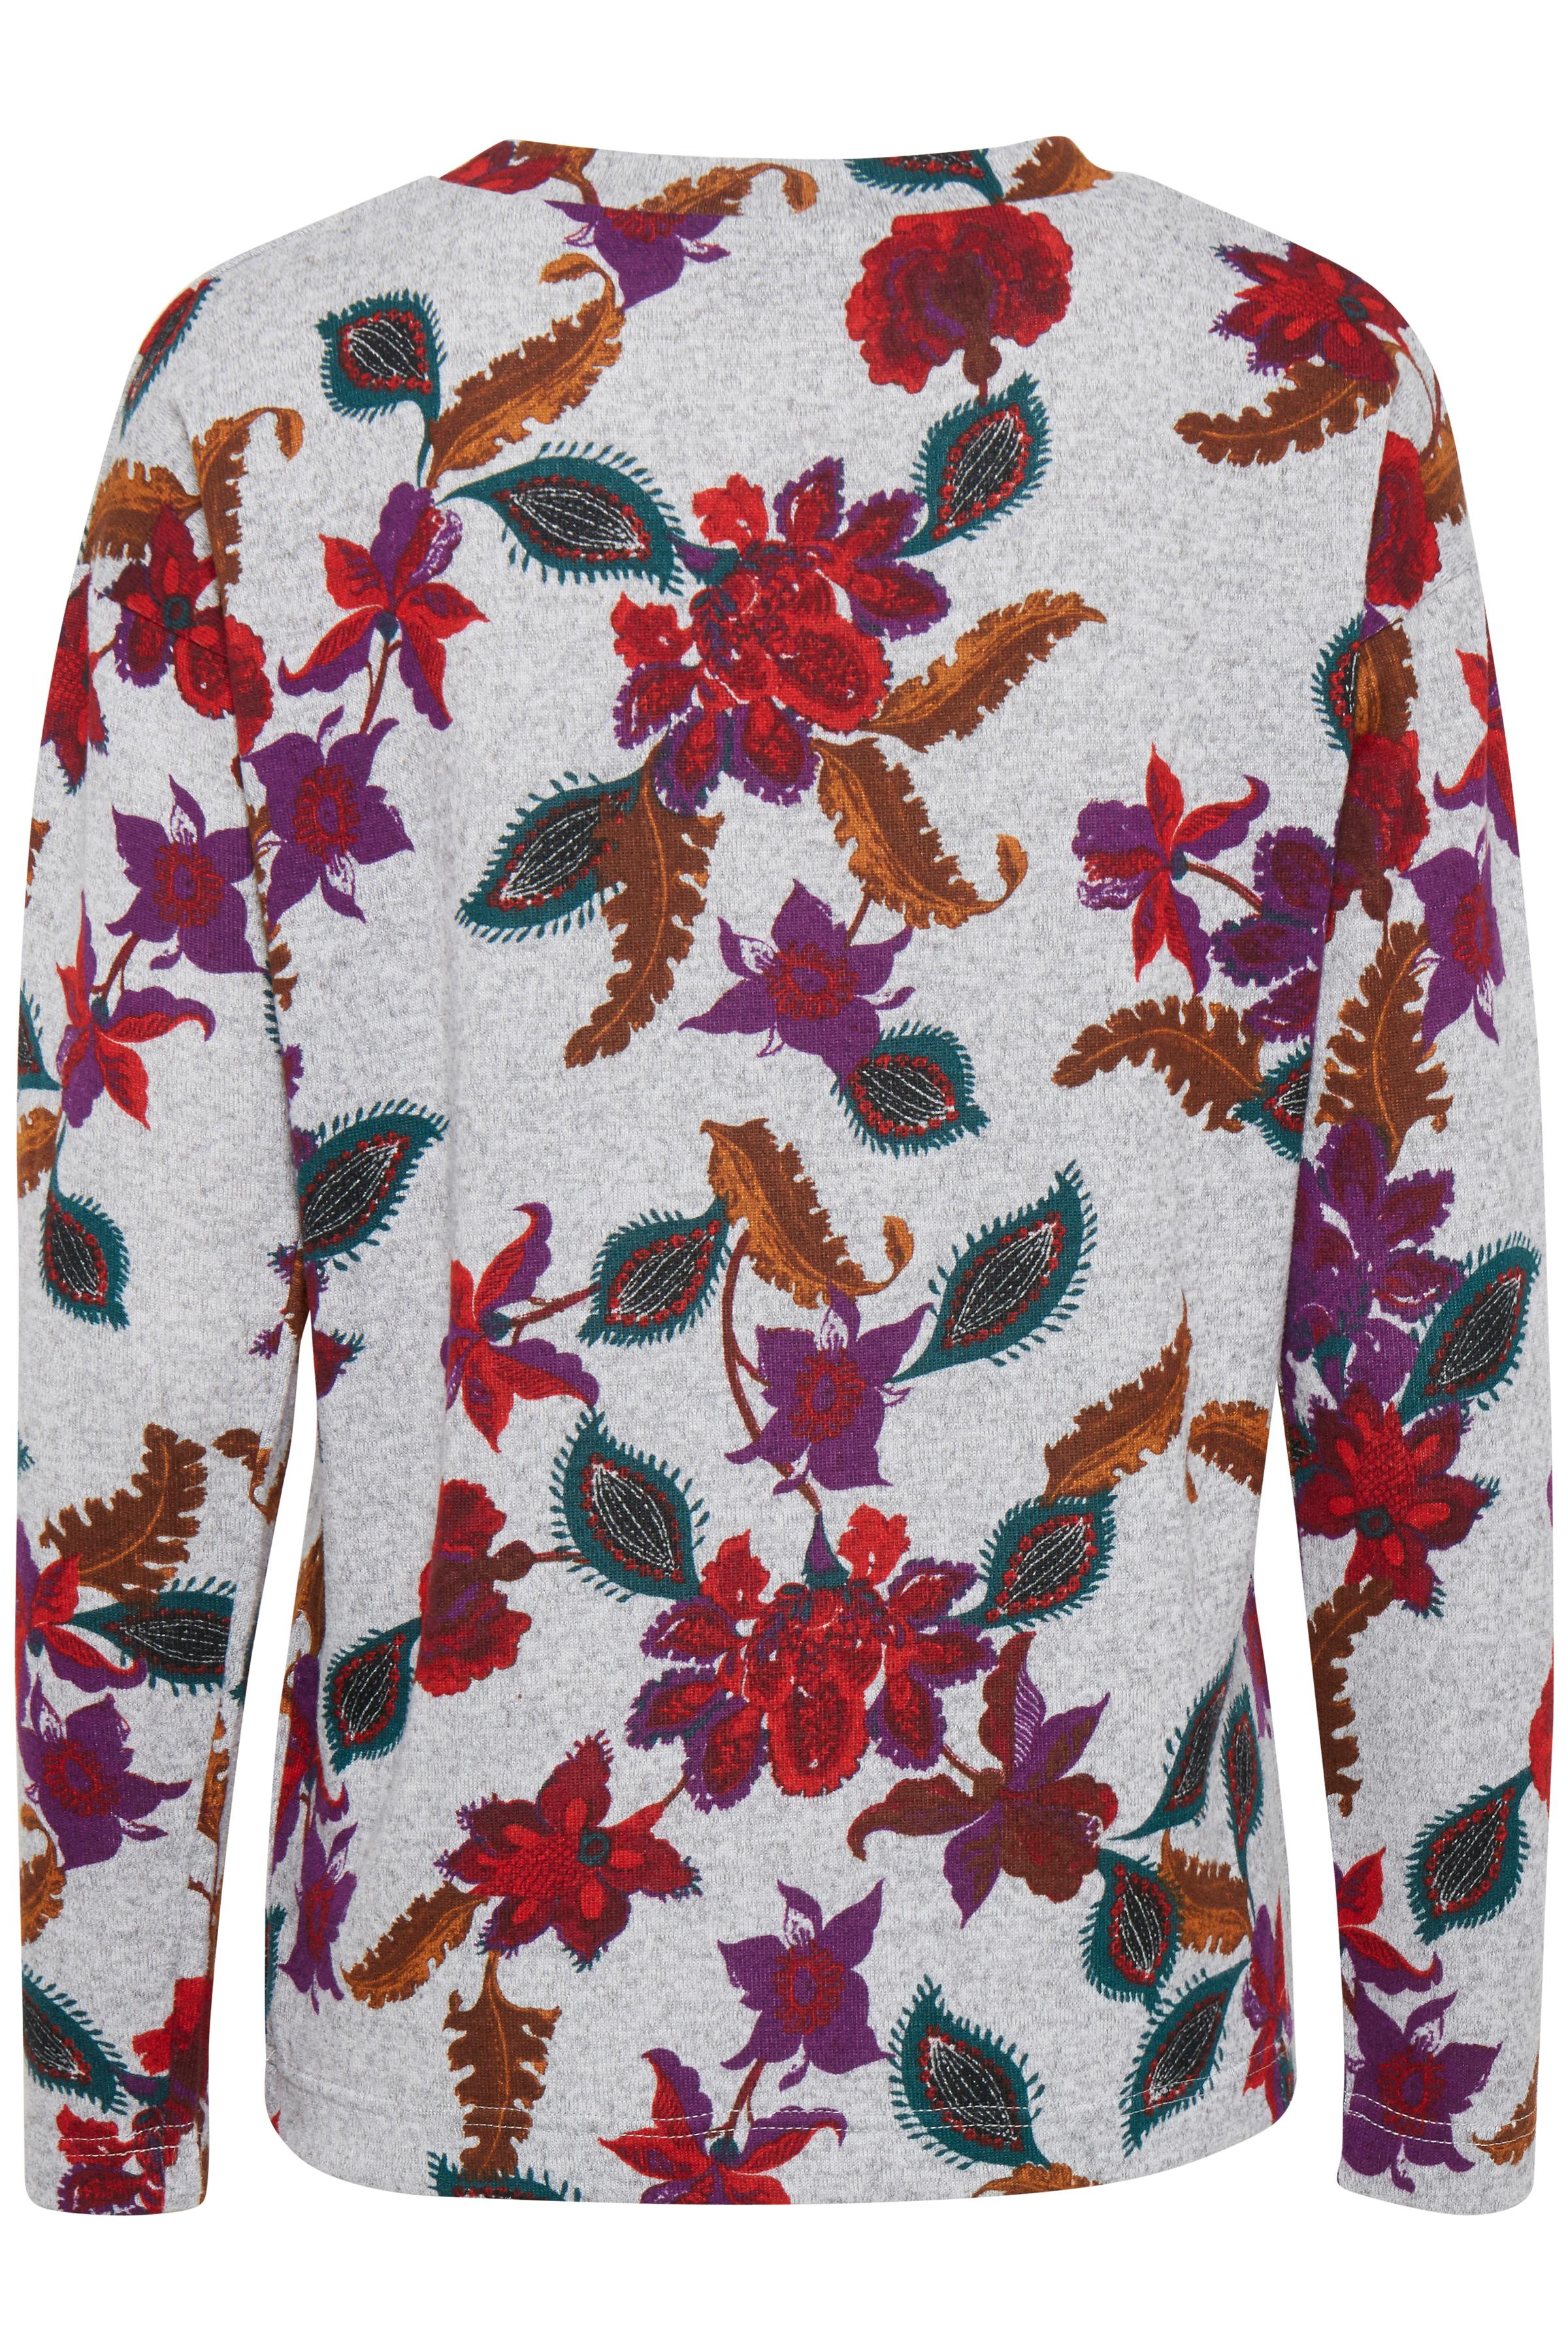 Ligth grey mel. combi 1 Langærmet T-shirt fra b.young – Køb Ligth grey mel. combi 1 Langærmet T-shirt fra str. XS-XXL her